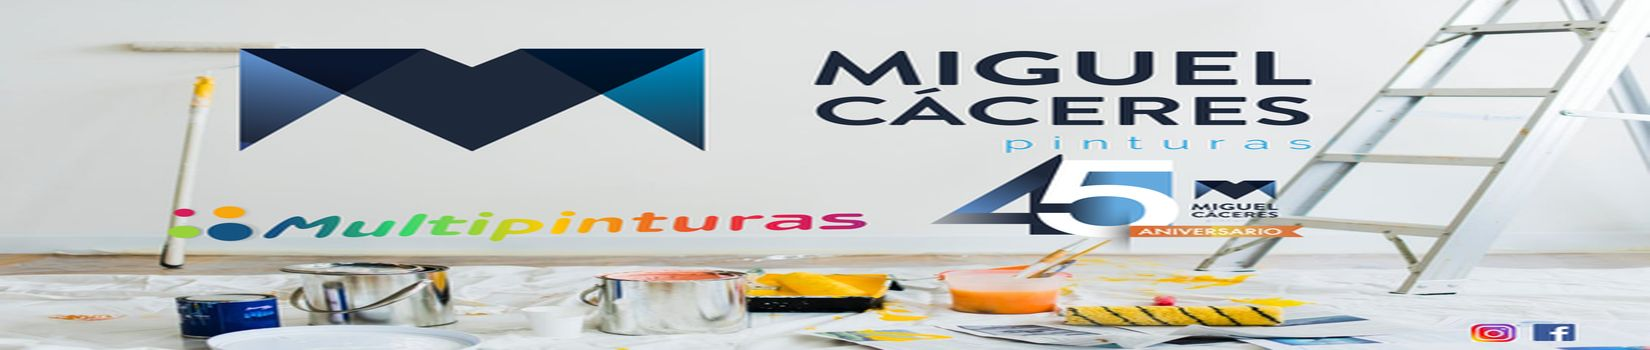 MIGUEL CACERES PINTURAS (Campillos)